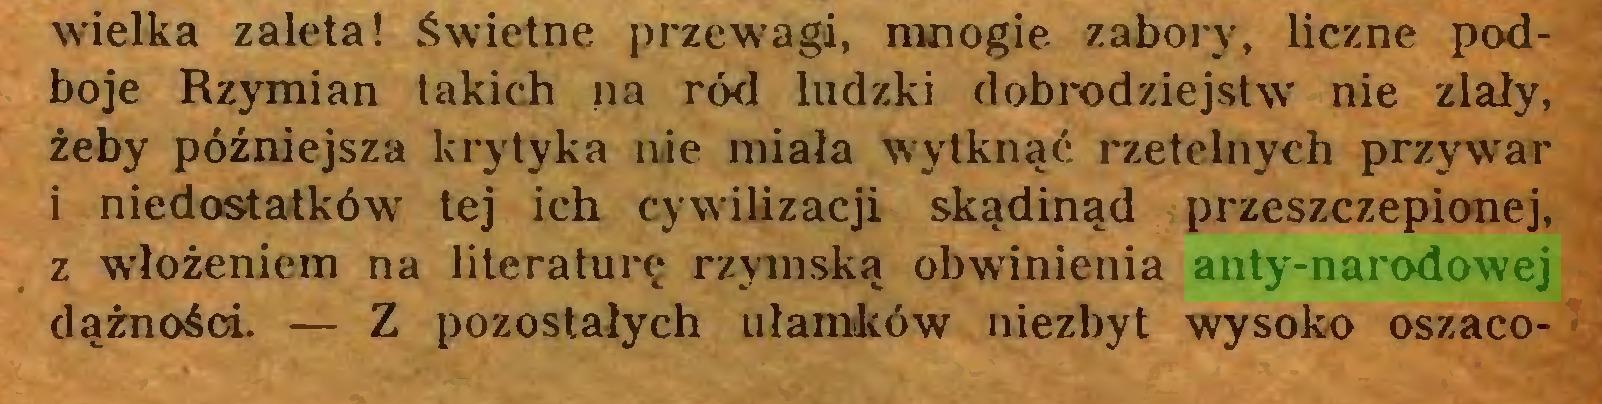 (...) wielka zaleta! Świetne przewagi, mnogie zabory, liczne podboje Rzymian takich na ród ludzki dobrodziejstw nie zlały, żeby późniejsza krytyka nie miała wytknąć rzetelnych przywar 1 niedostatków' tej ich cywilizacji skądinąd przeszczepionej, z włożeniem na literaturę rzymską obwinienia anty-narodowej dążności. — Z pozostałych ułamków niezbyt wrysoko oszaco...